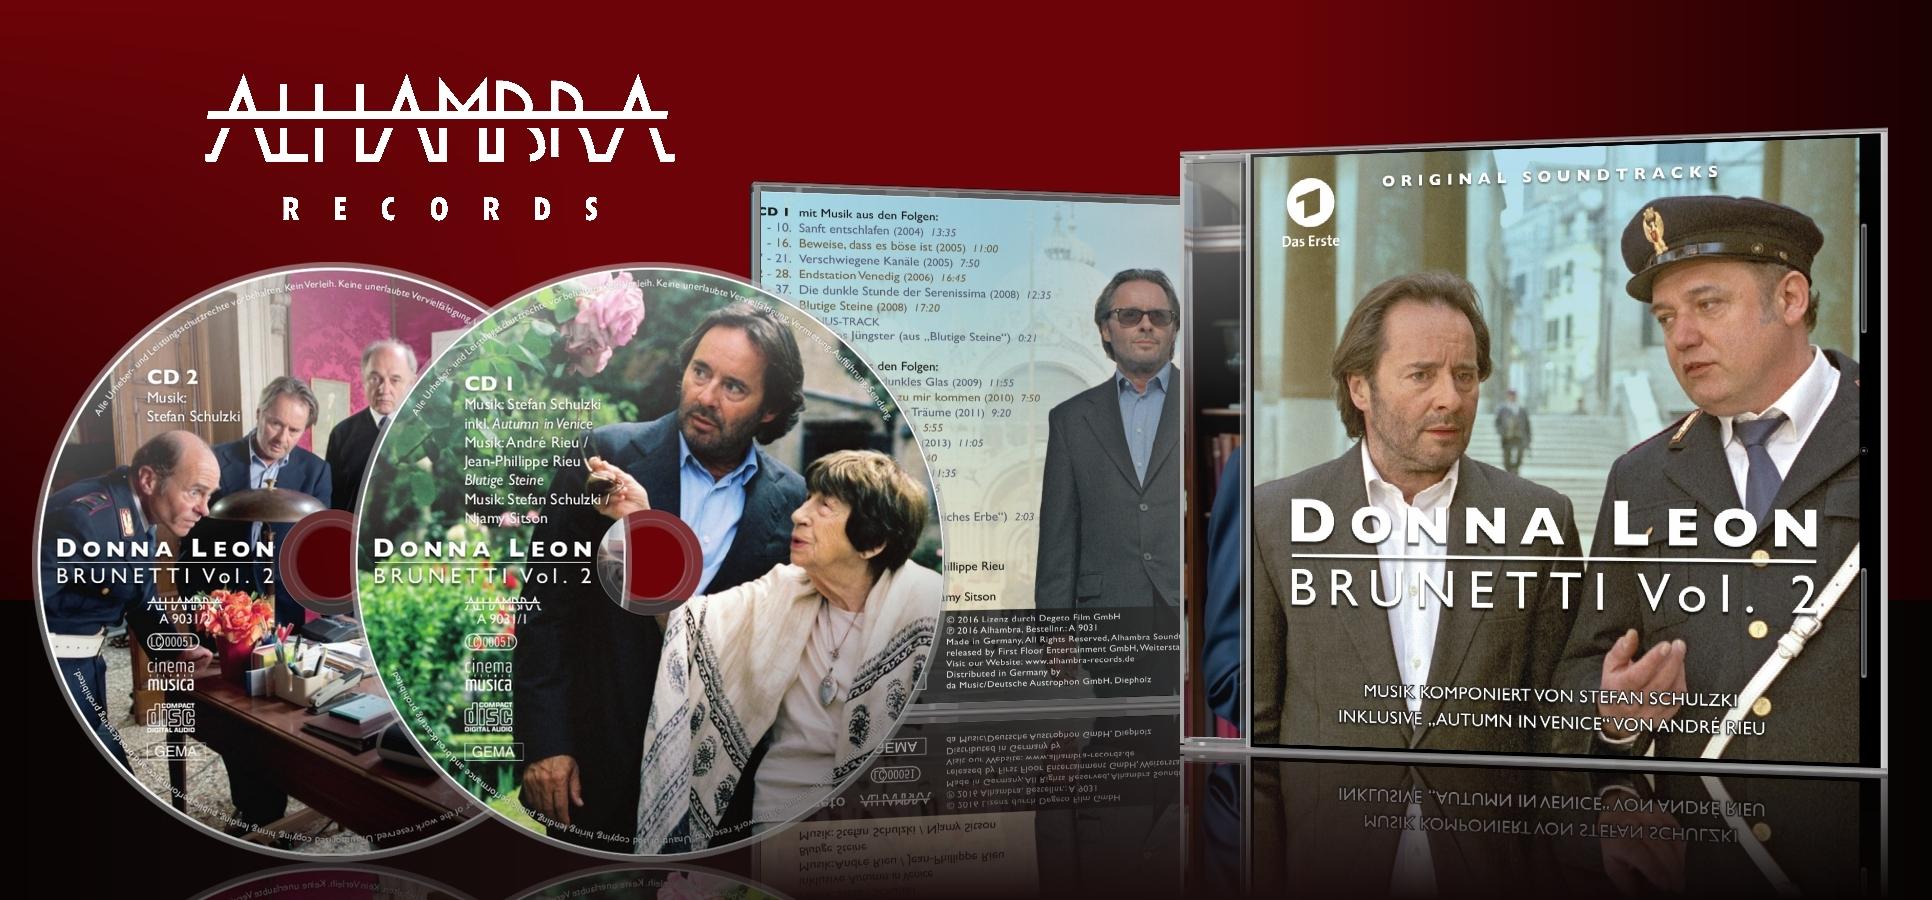 Donna Leon – Brunetti Vol. 2